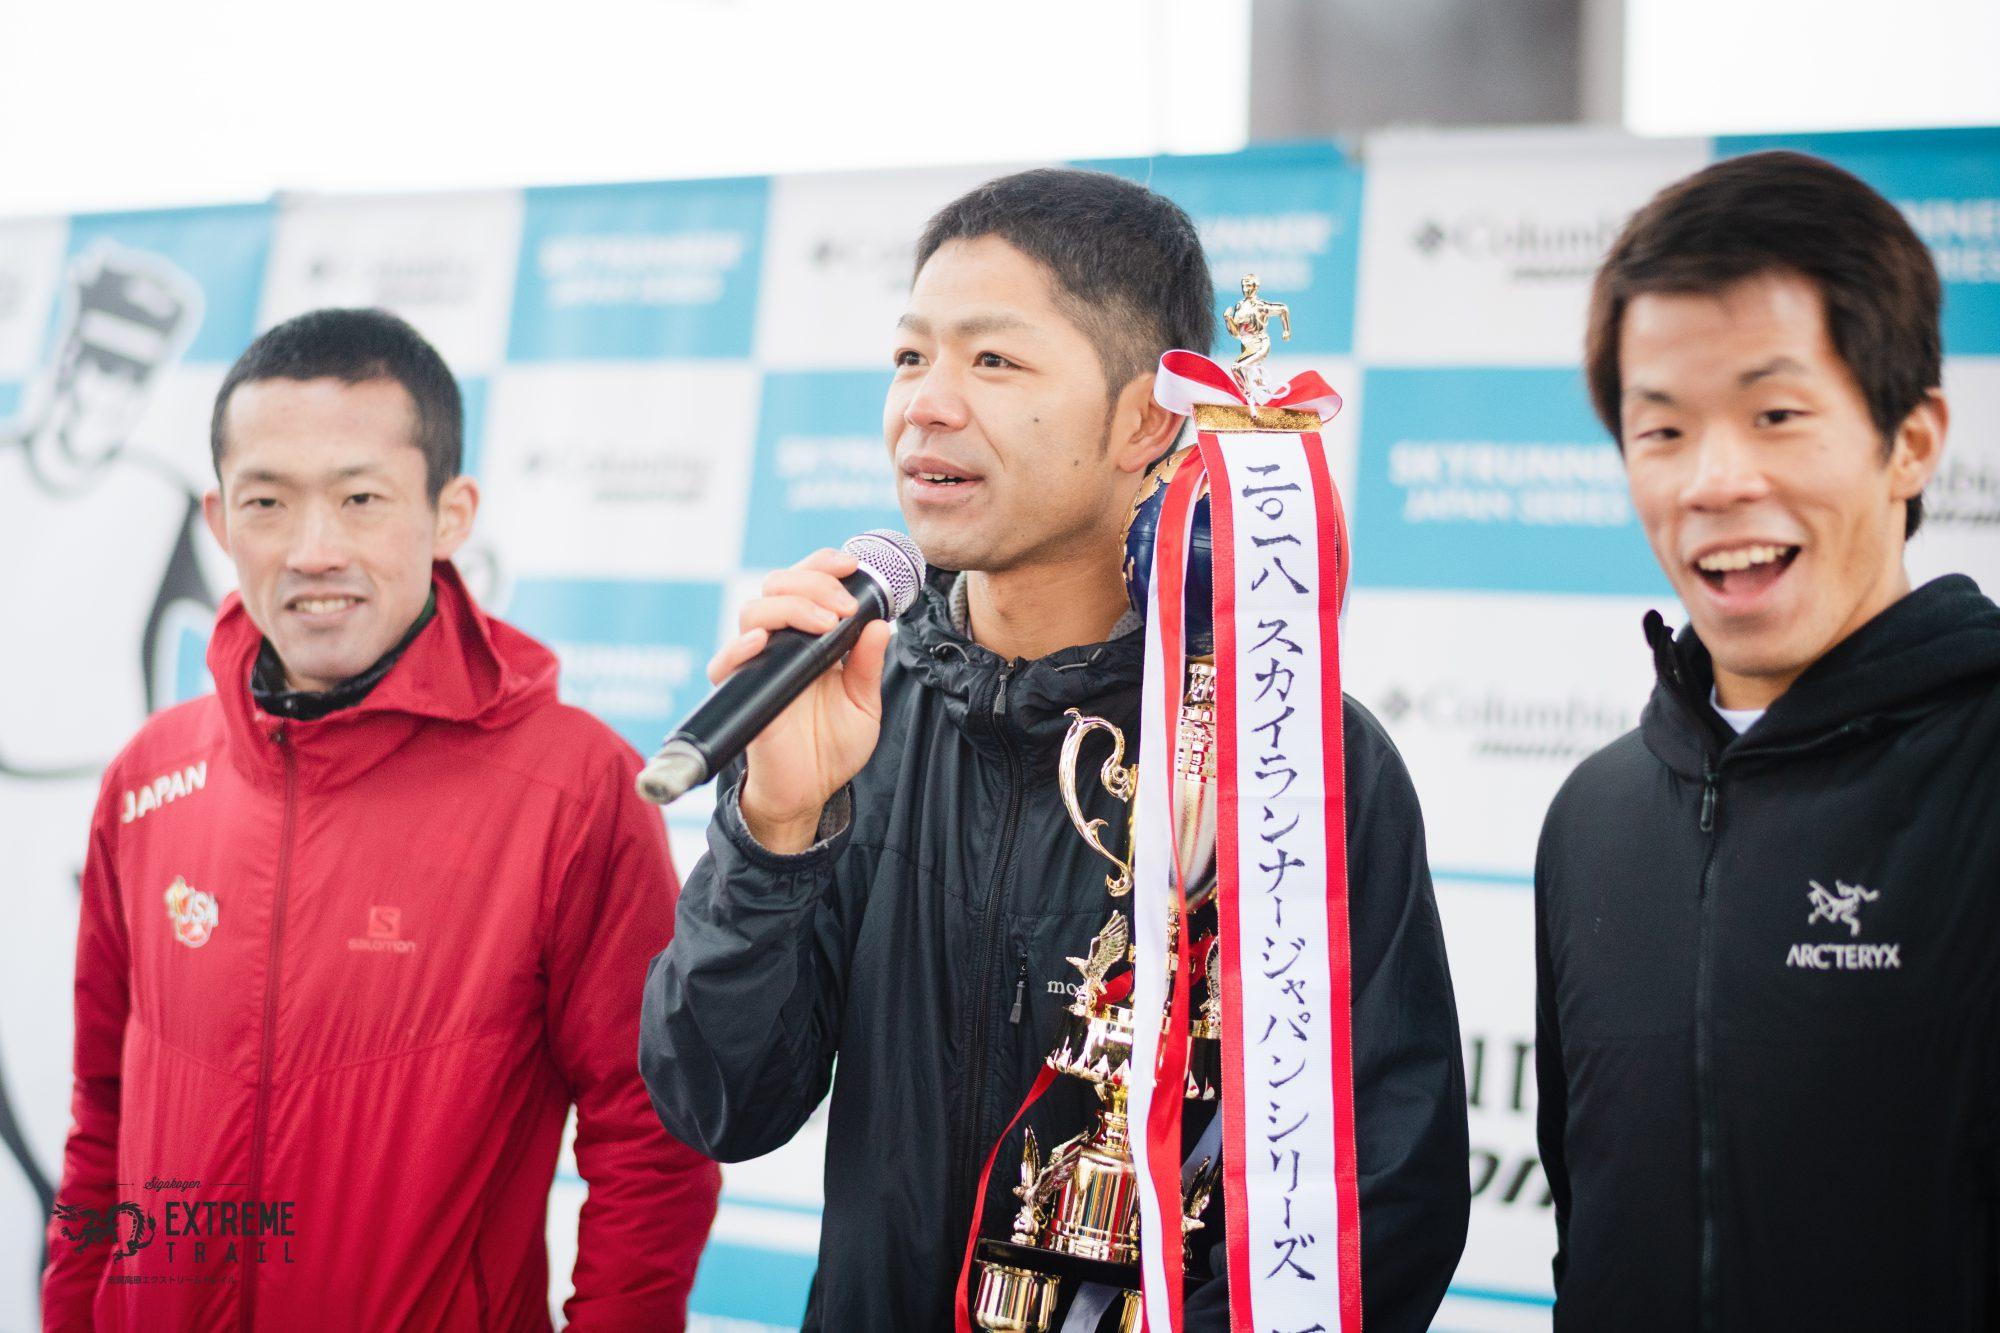 最終戦委出場した富士空界(FUJI SKY)のメンバー。左から、近藤、大屋、小山 ©SHIGAKOGEN EXTREME TRAIL